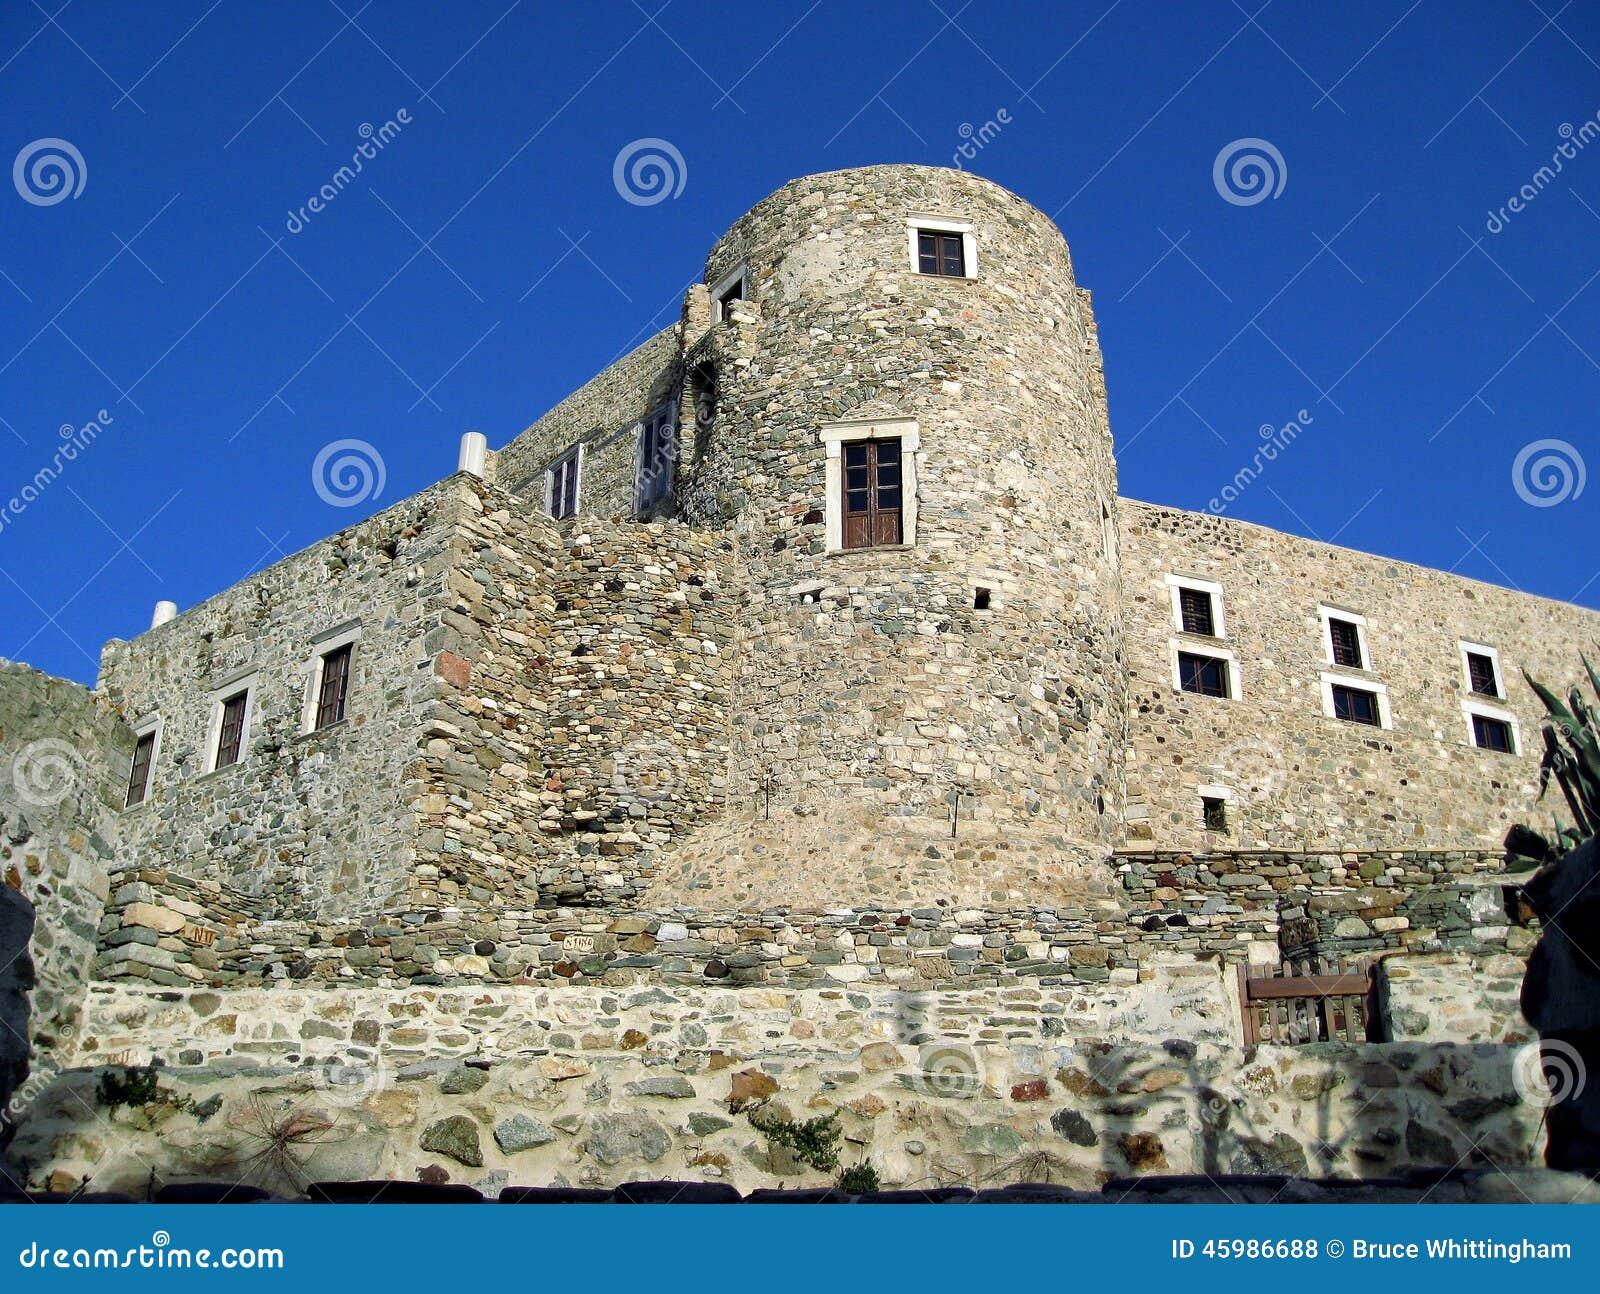 Naxos castle kastro naxos town cyclades group island agean sea